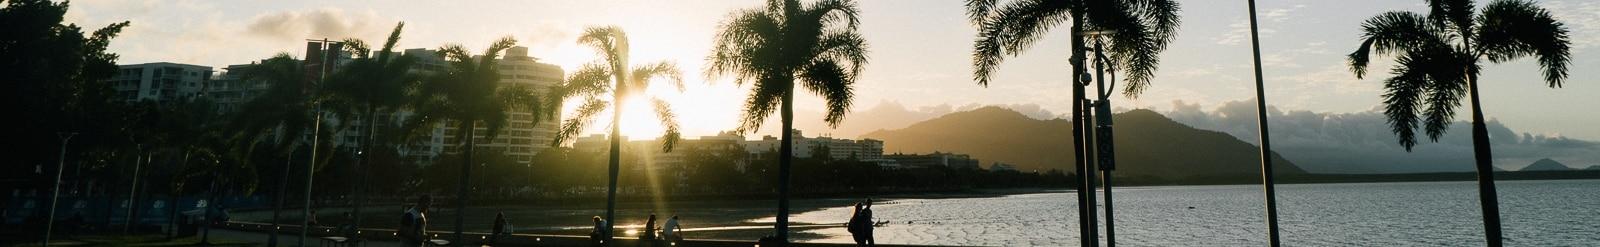 Un Visa Vacances Travail à Cairns est un séjour inoubliable